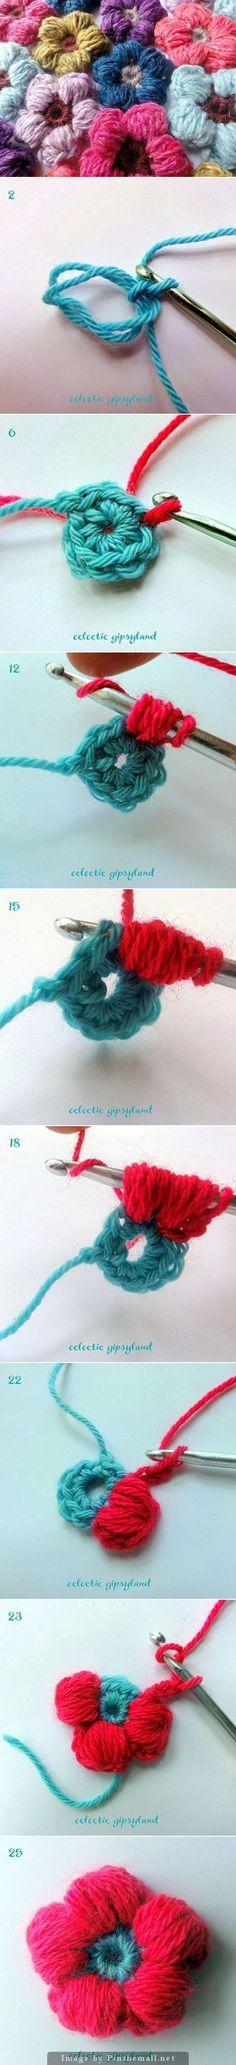 Excellent tuto pour faire une fleur au crochet et en plus en Français. Parfait. (http://gipsybazar.blogspot.com/2011/08/puffy-daisy-and-free-tutorial.html)